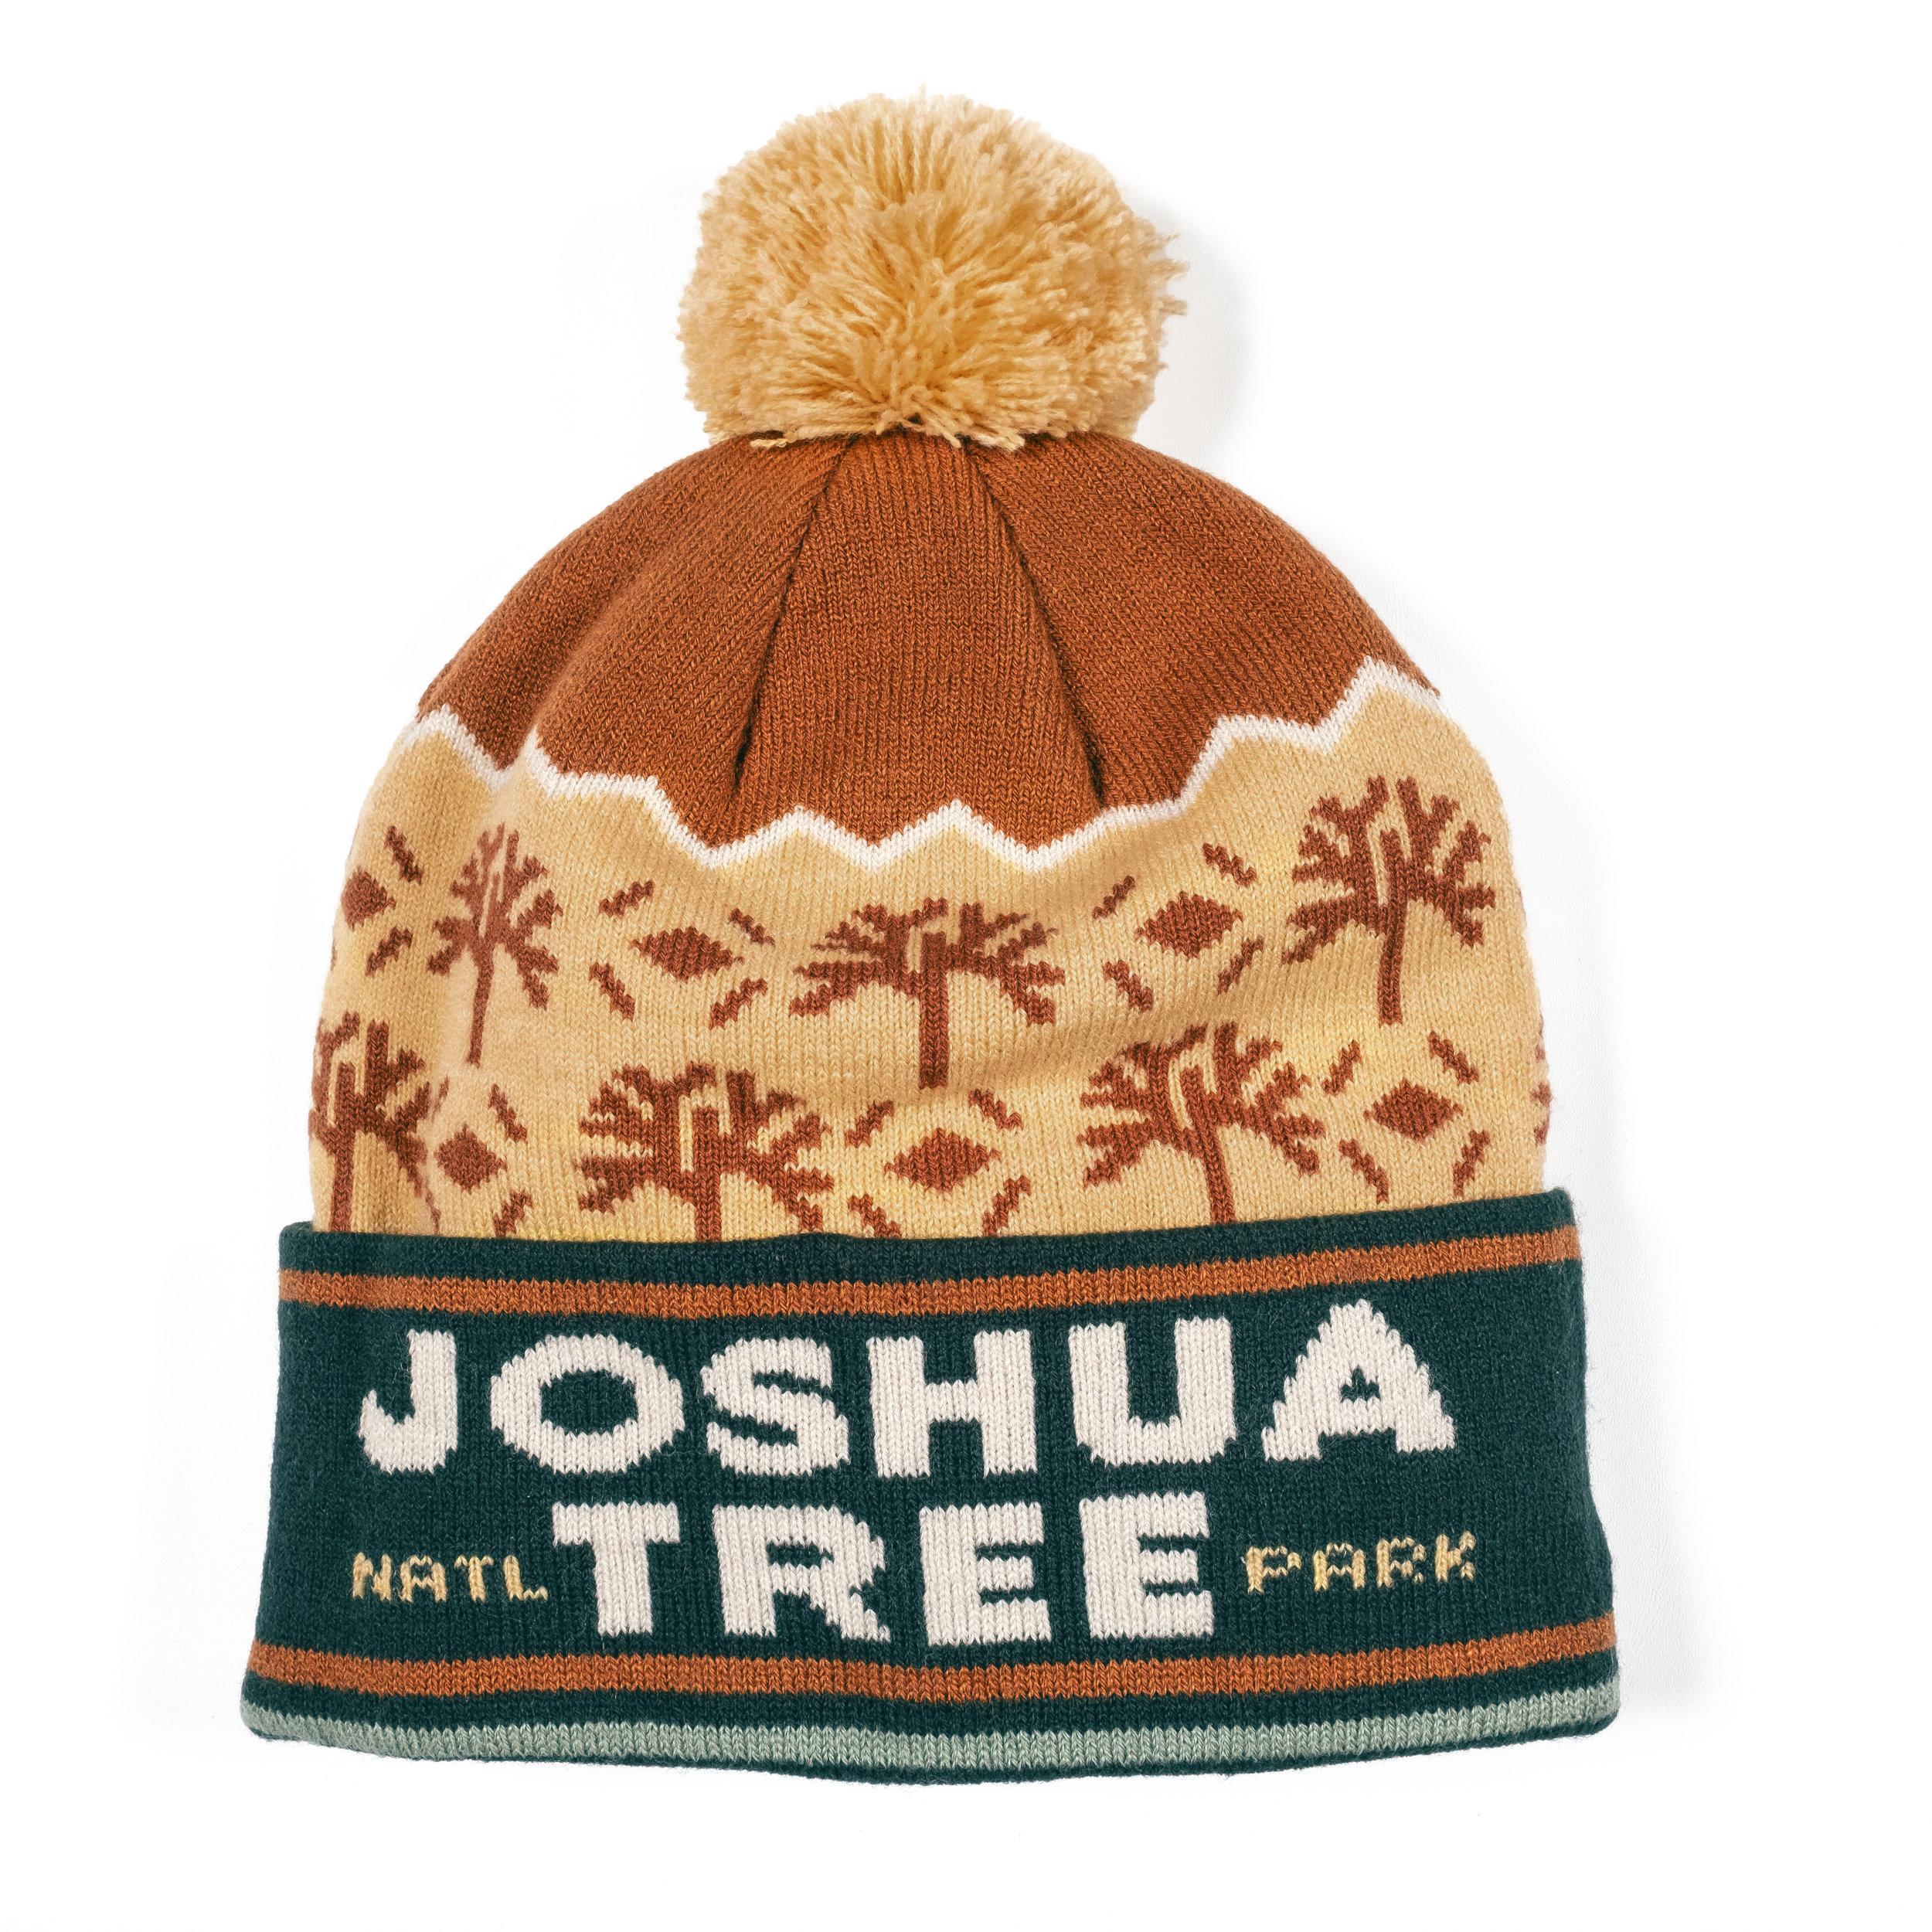 Joshua Tree Beanie.jpg